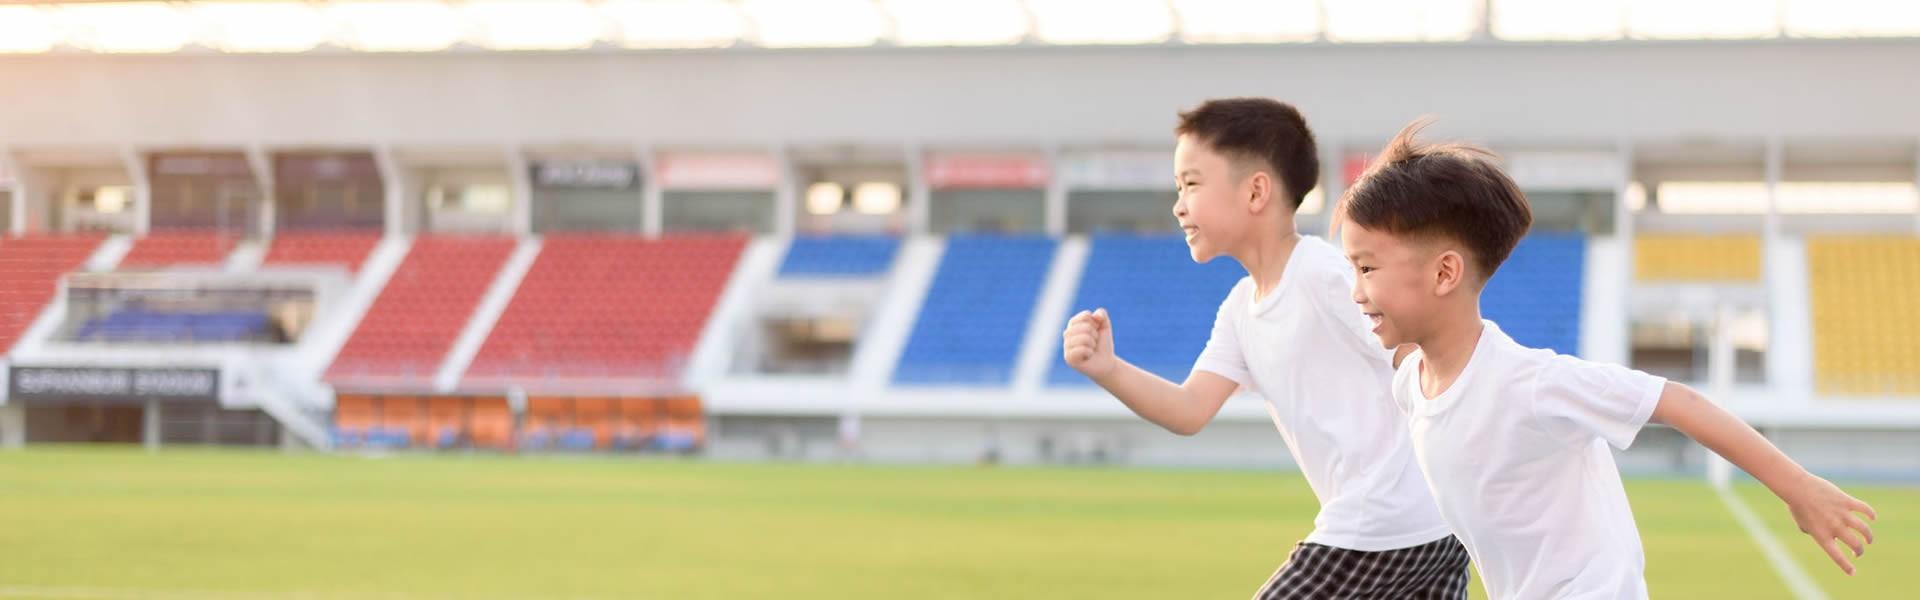 第六屆香港兒童親子田徑錦標賽2014 Round 2